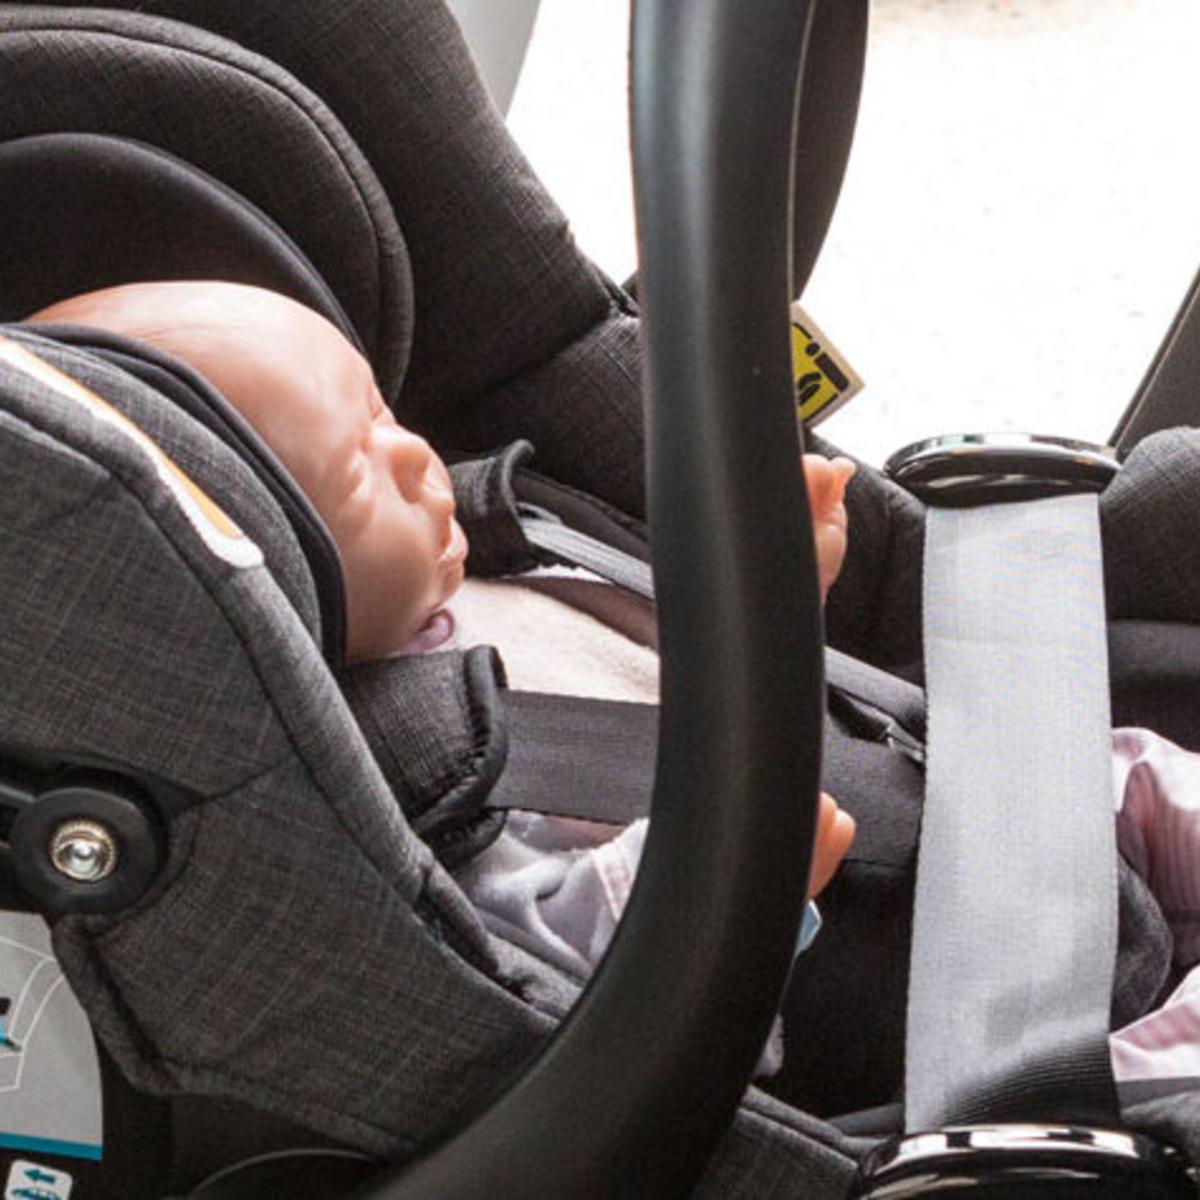 Enfants en voiture - réglementation - TCS Suisse ab0604e4b8b9